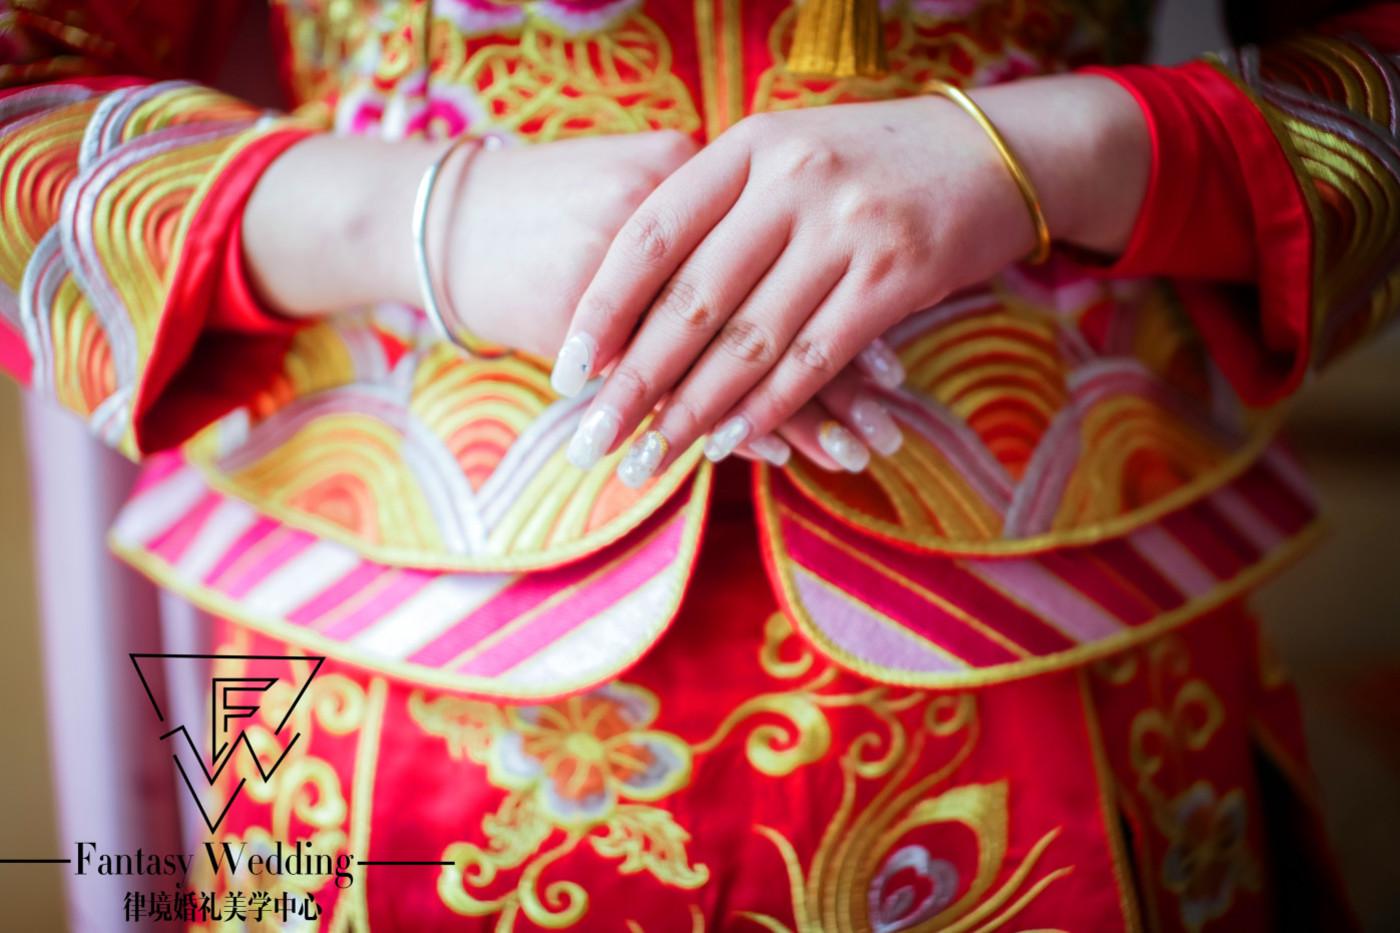 「Fantasy Wedding」&G R 白金汉爵3